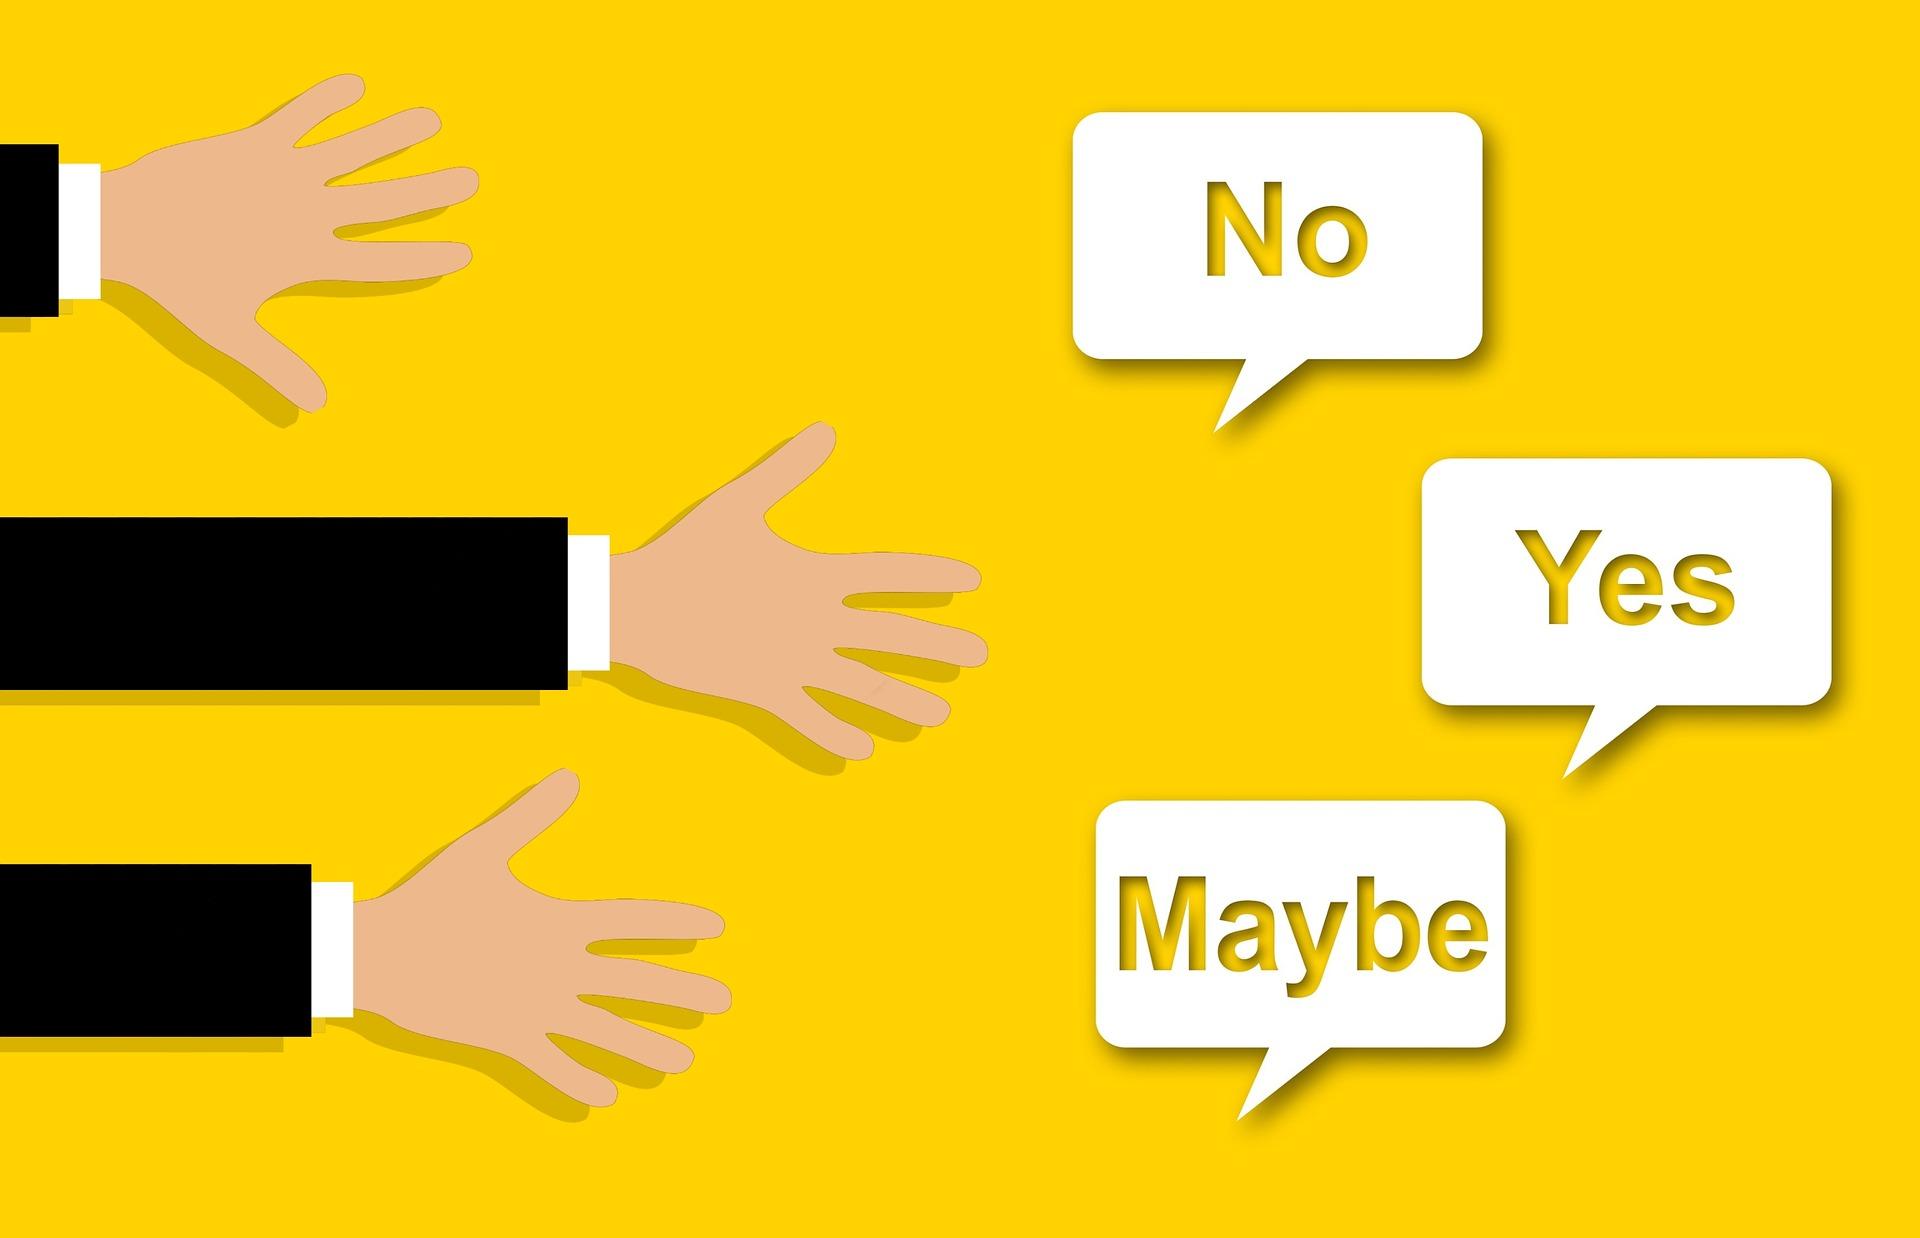 Pixabay/mohamed Hassan: Je výsledek správný?